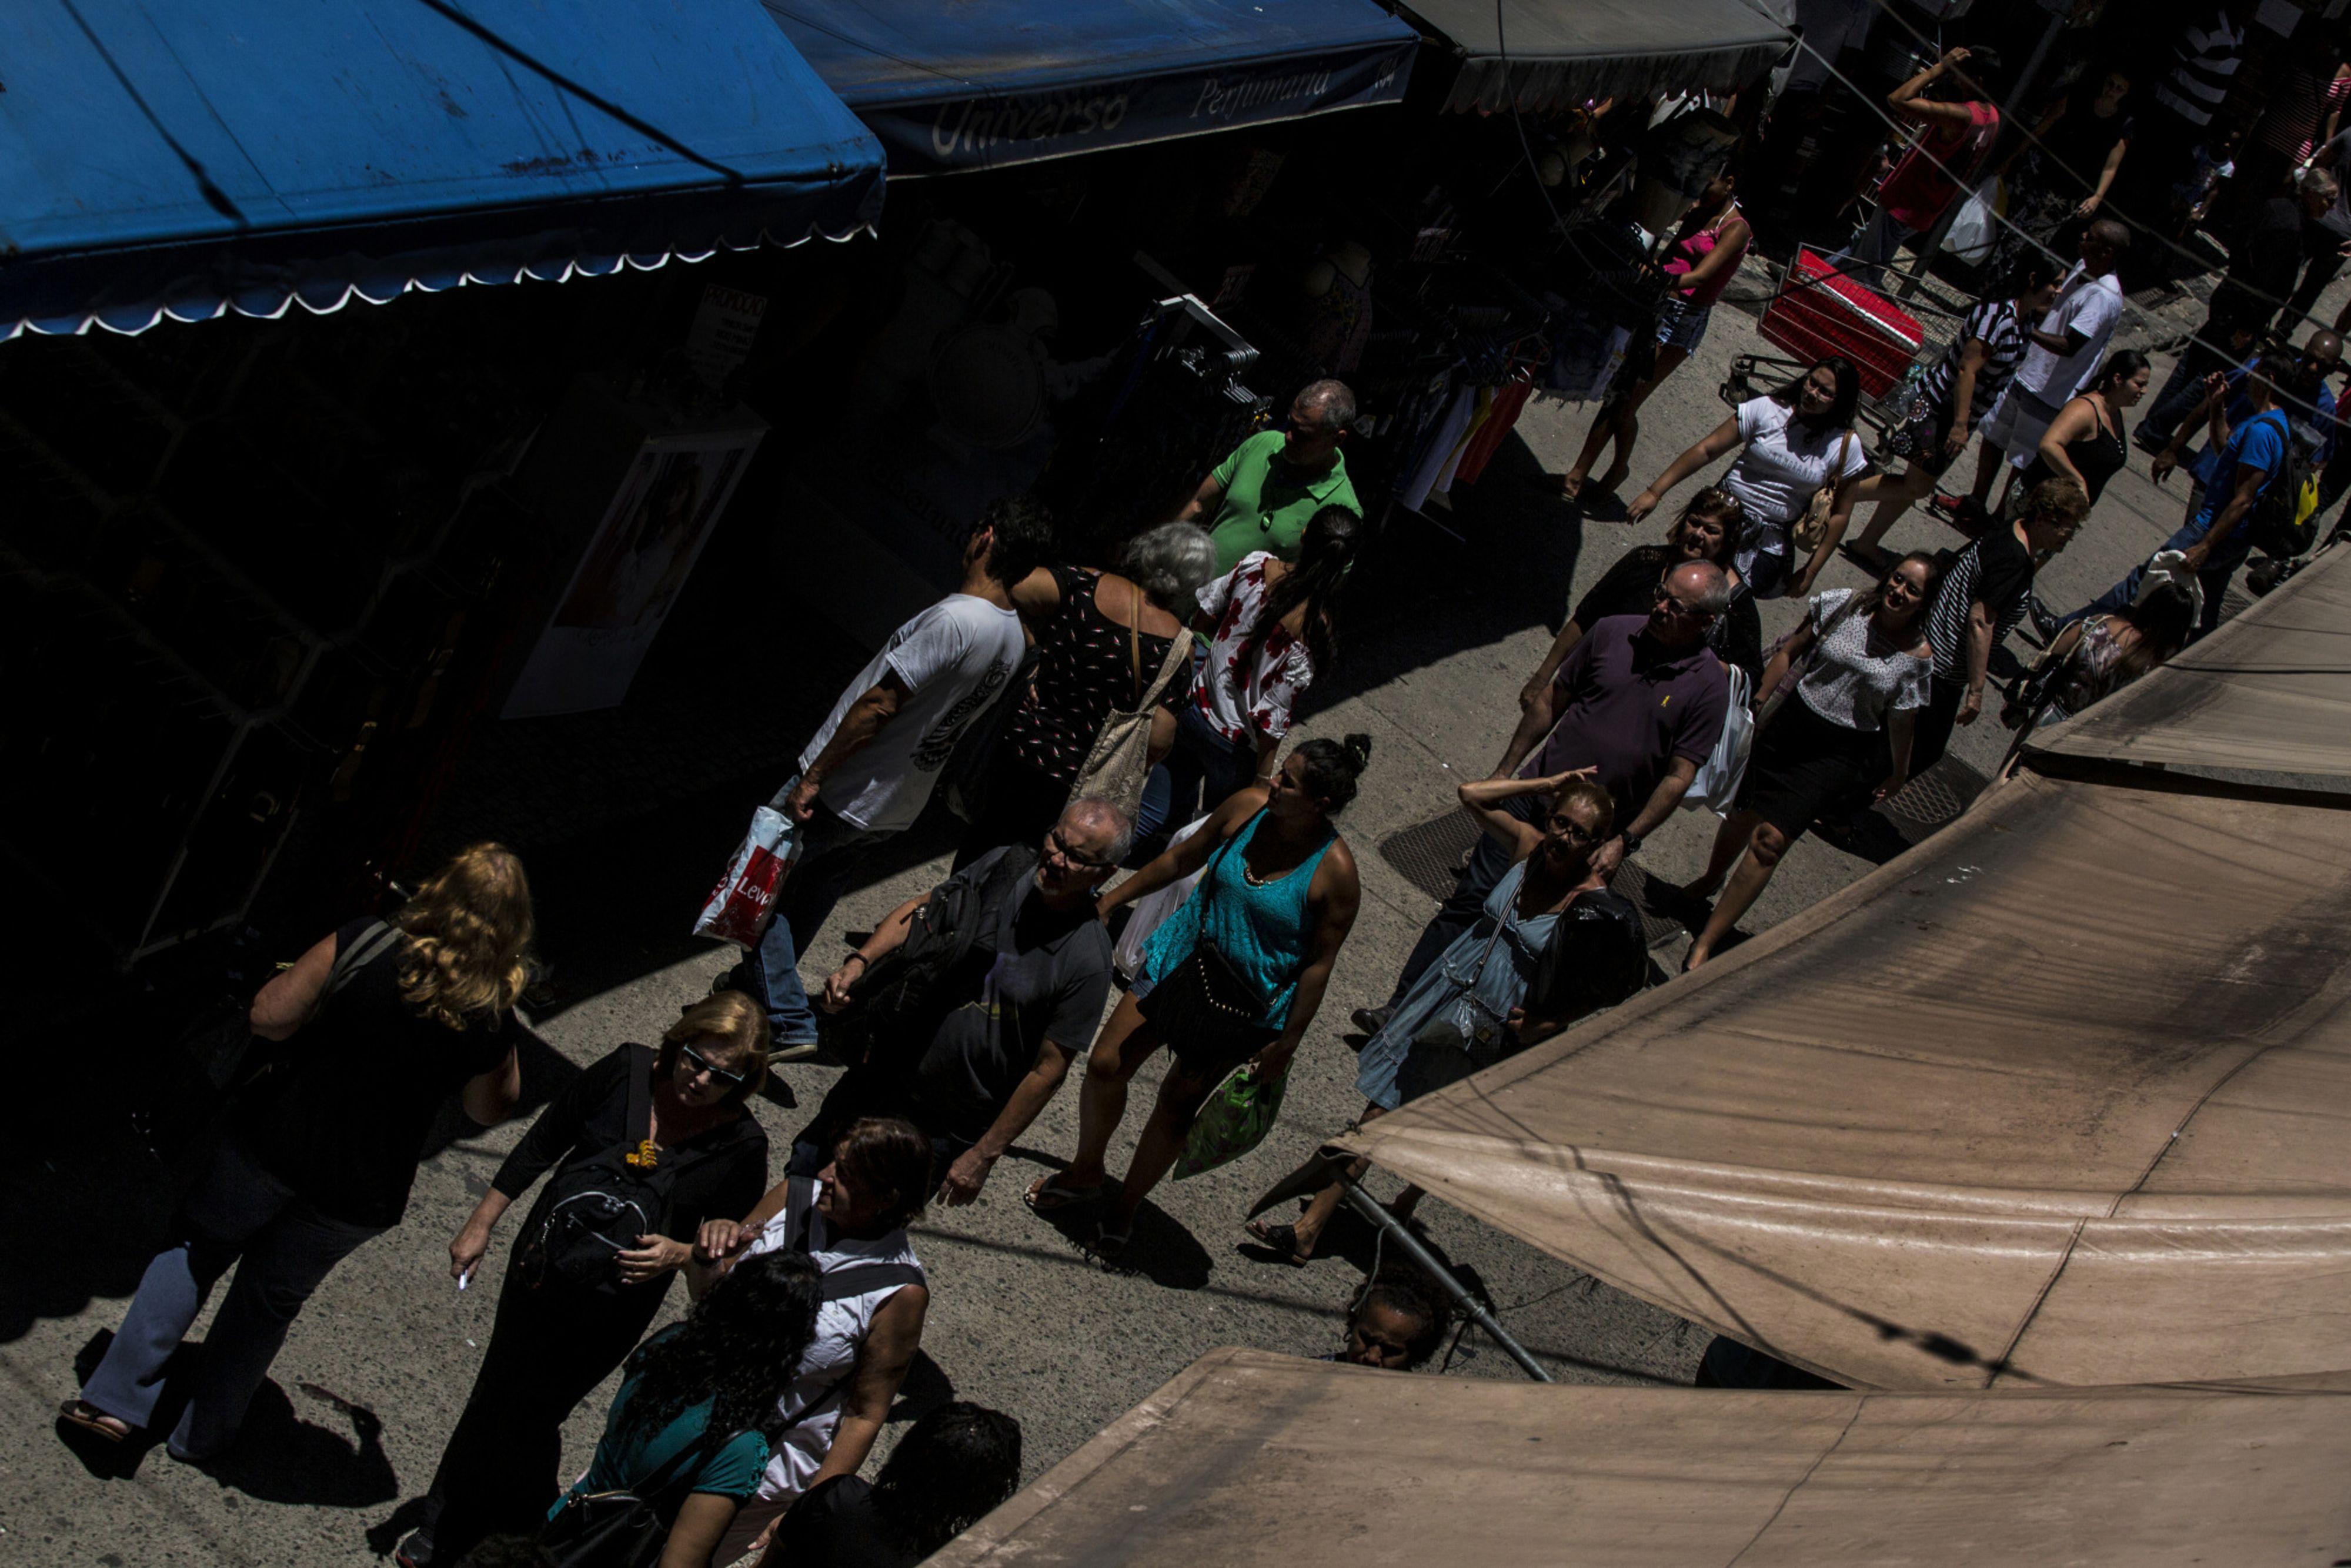 Personas caminan en un mercado en Río de Janeiro.